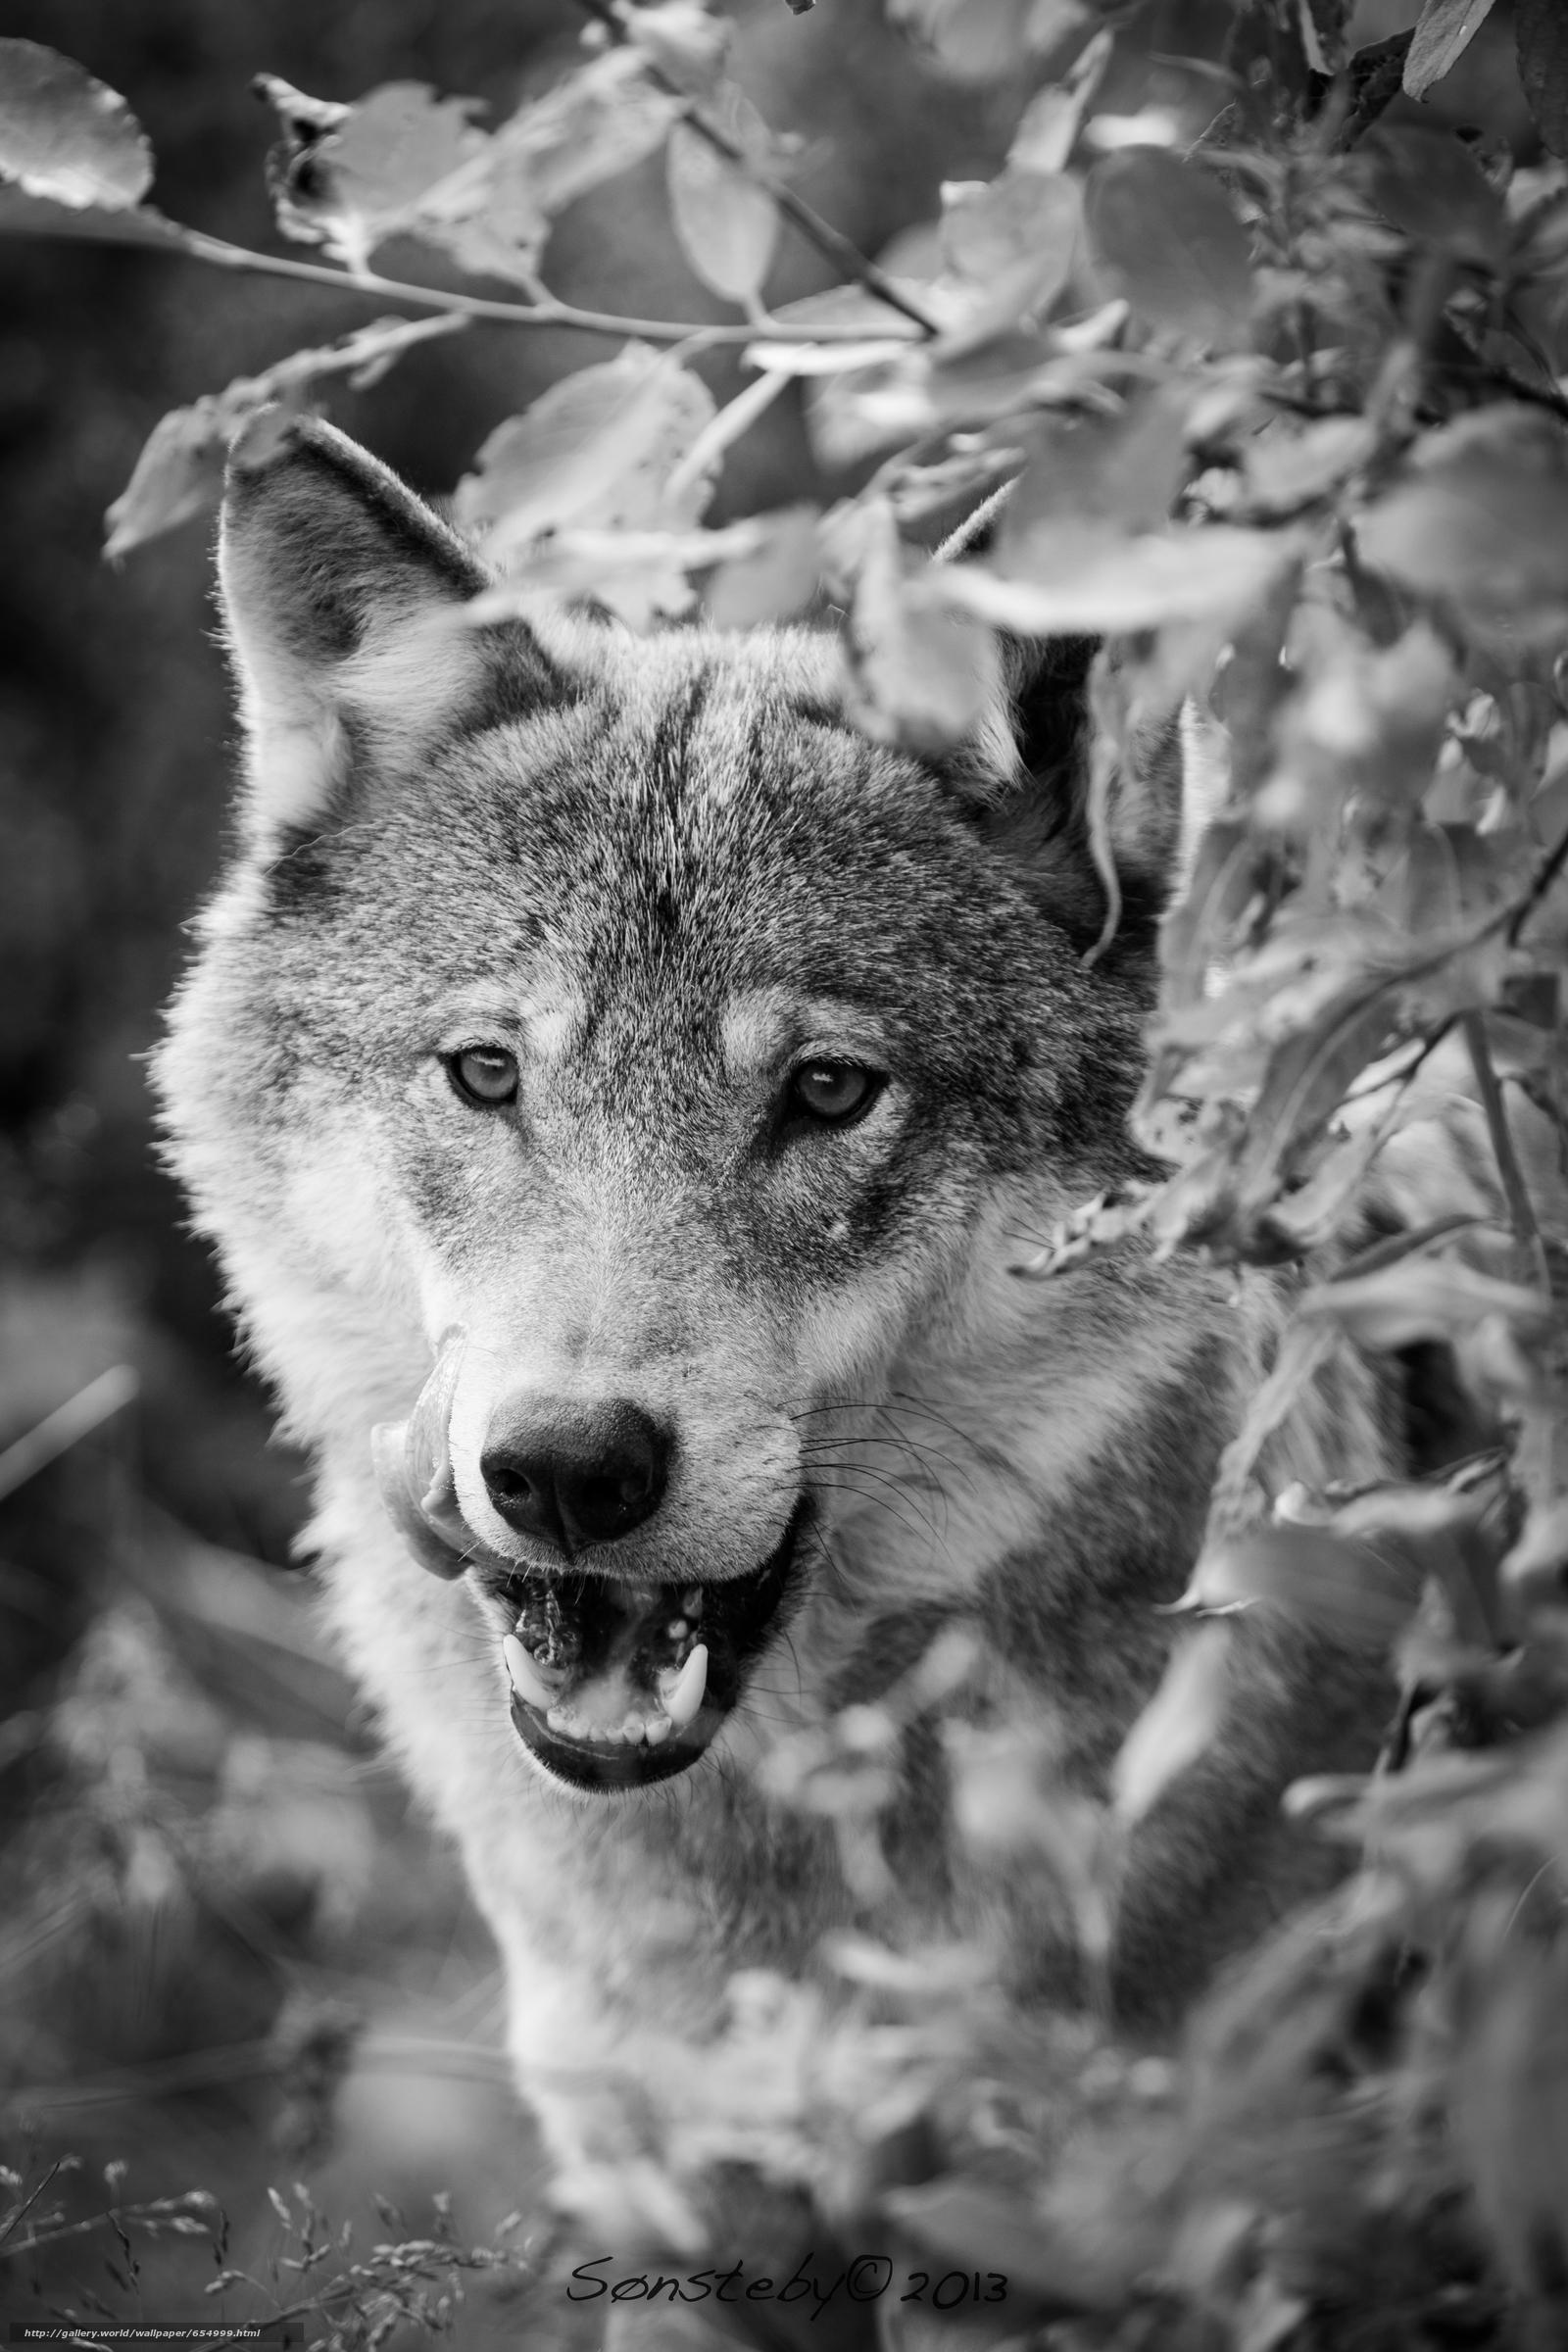 Tlcharger Fond d'ecran loup,  Wolves,  animaux,  portrait Fonds d'ecran gratuits pour votre rsolution du bureau 3840x5760 — image №654999